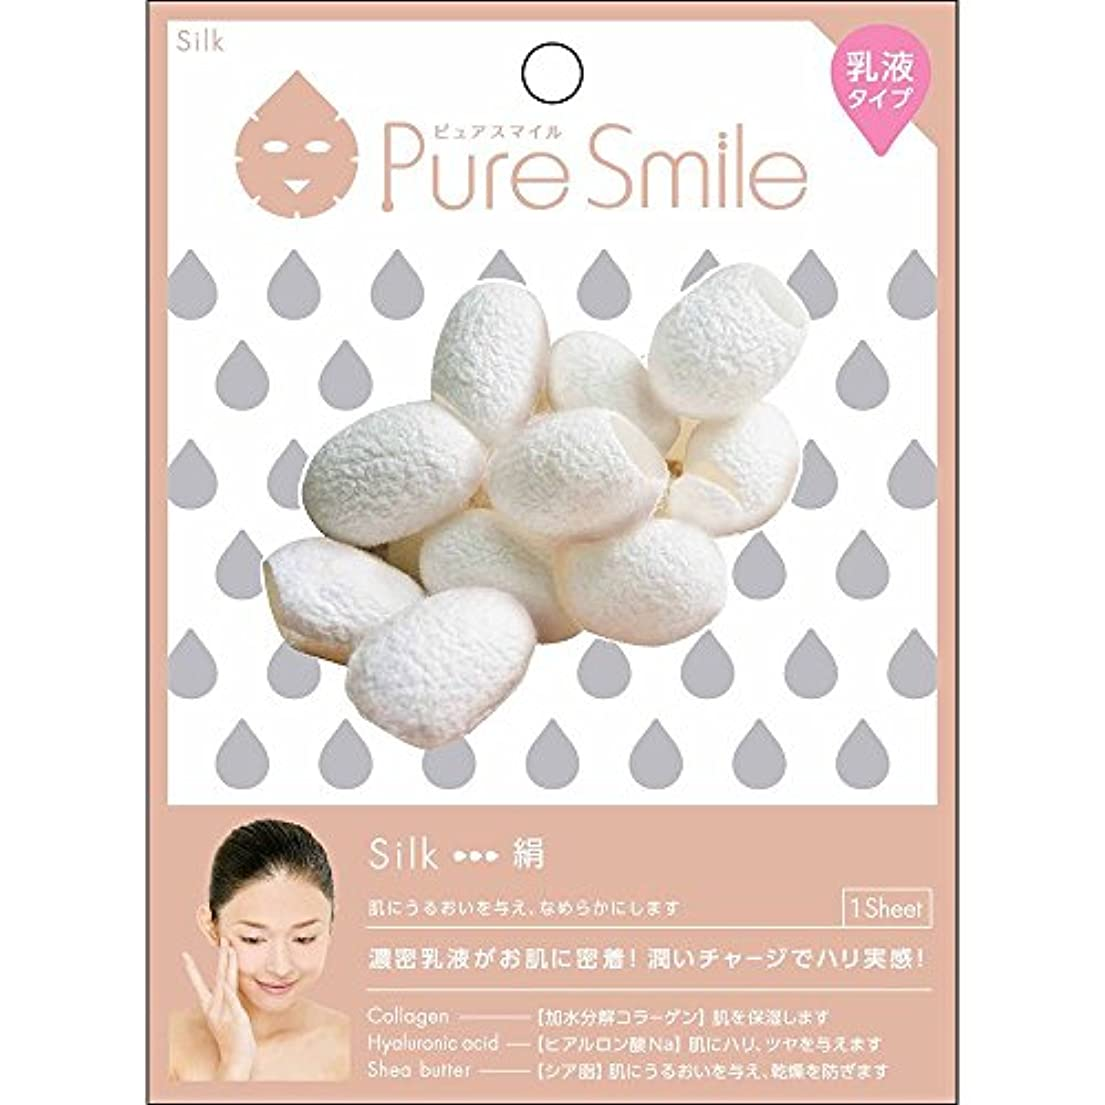 かまどインタフェース寝具Pure Smile(ピュアスマイル) 乳液エッセンスマスク 1 枚 絹